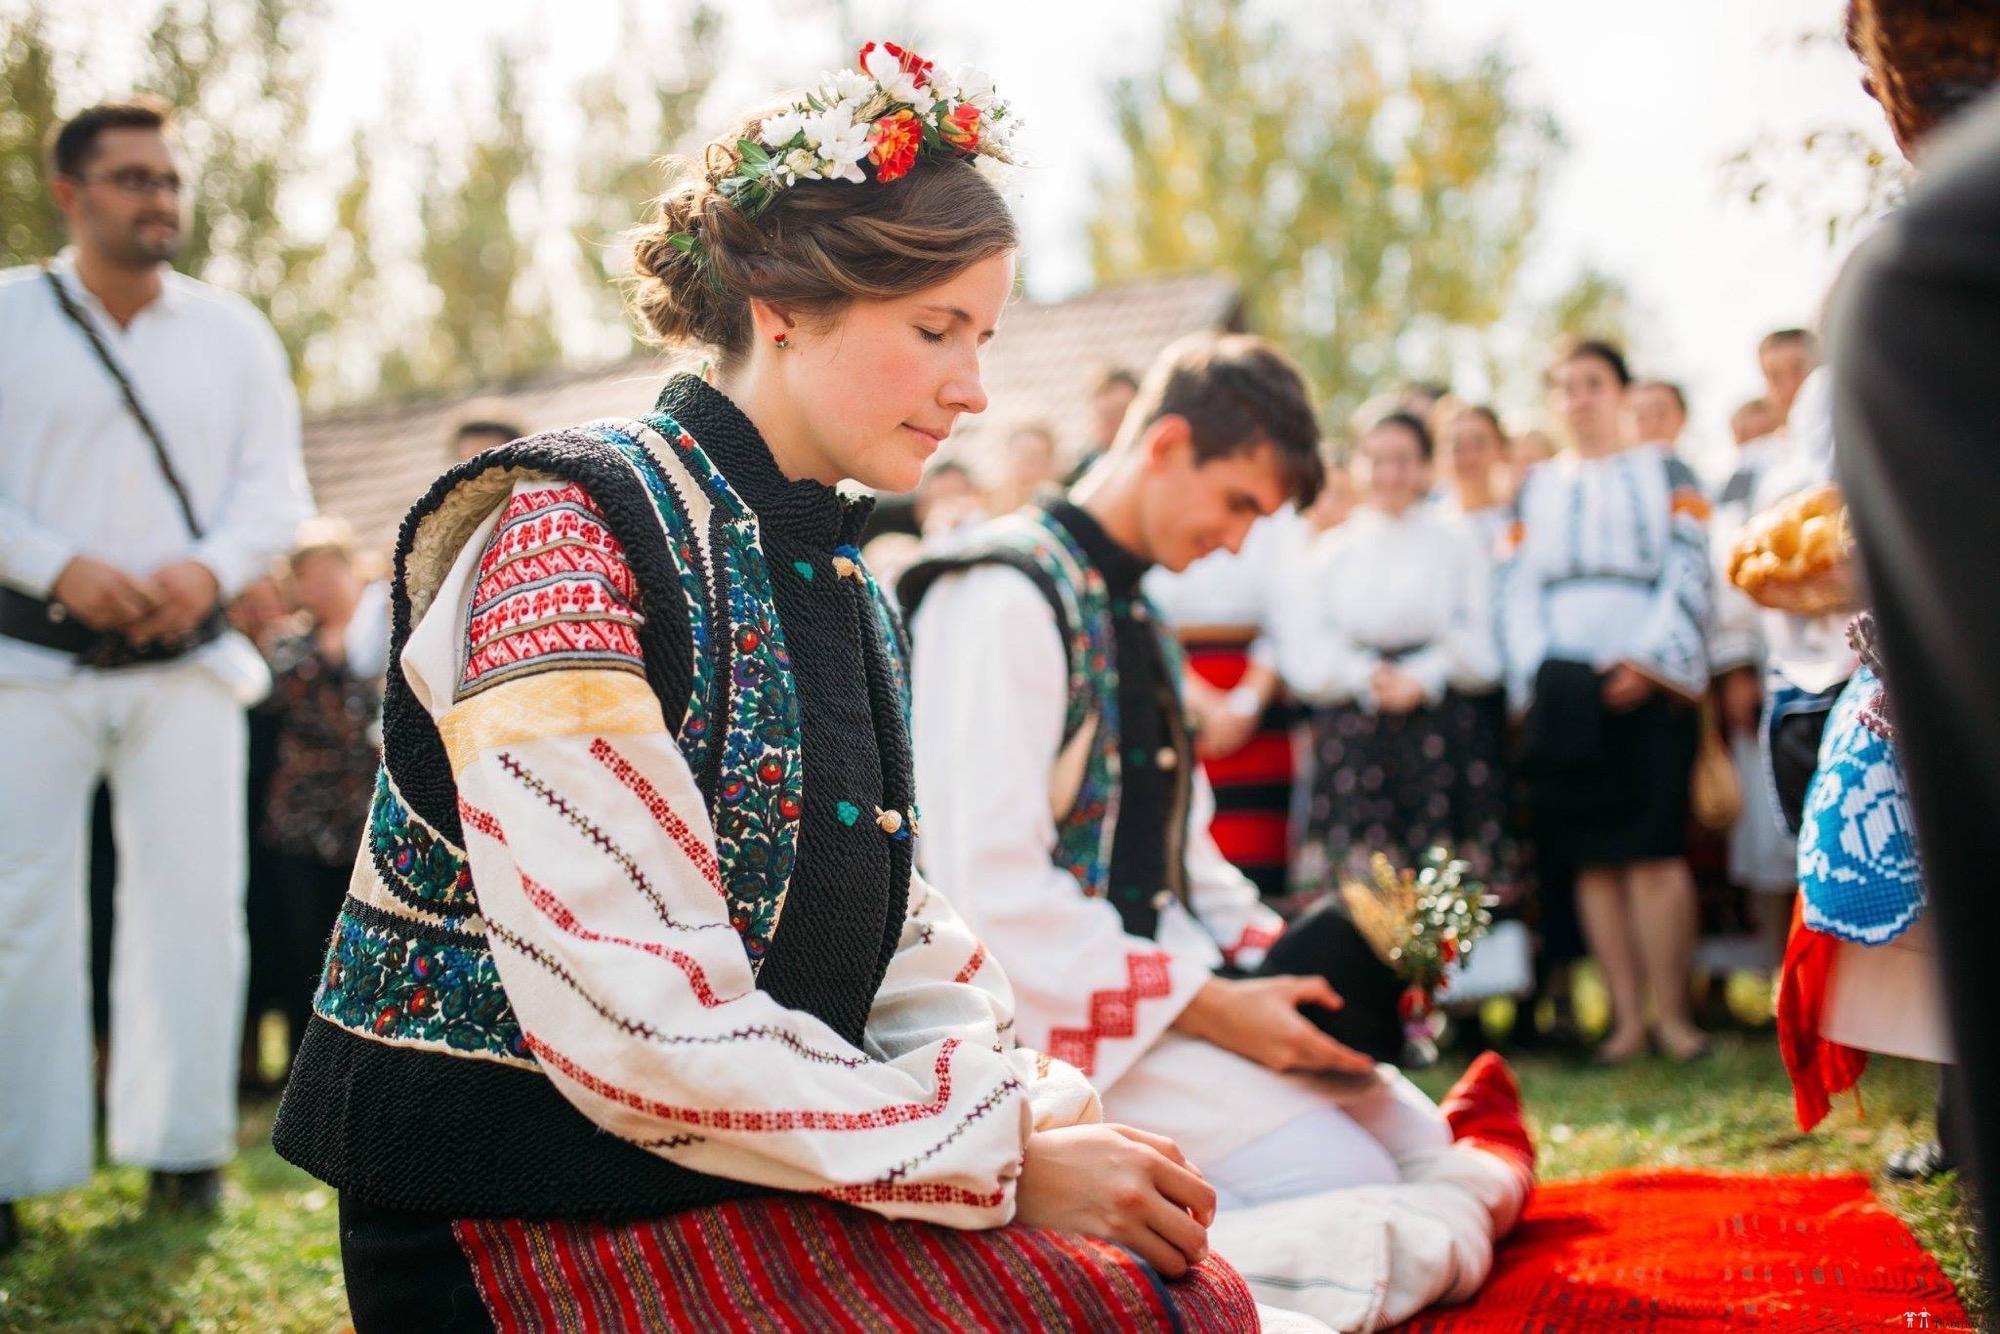 Povești Nunți Tradiționale - Andreea și Sergiu. Nuntă tradițională în Alba-Iulia 27